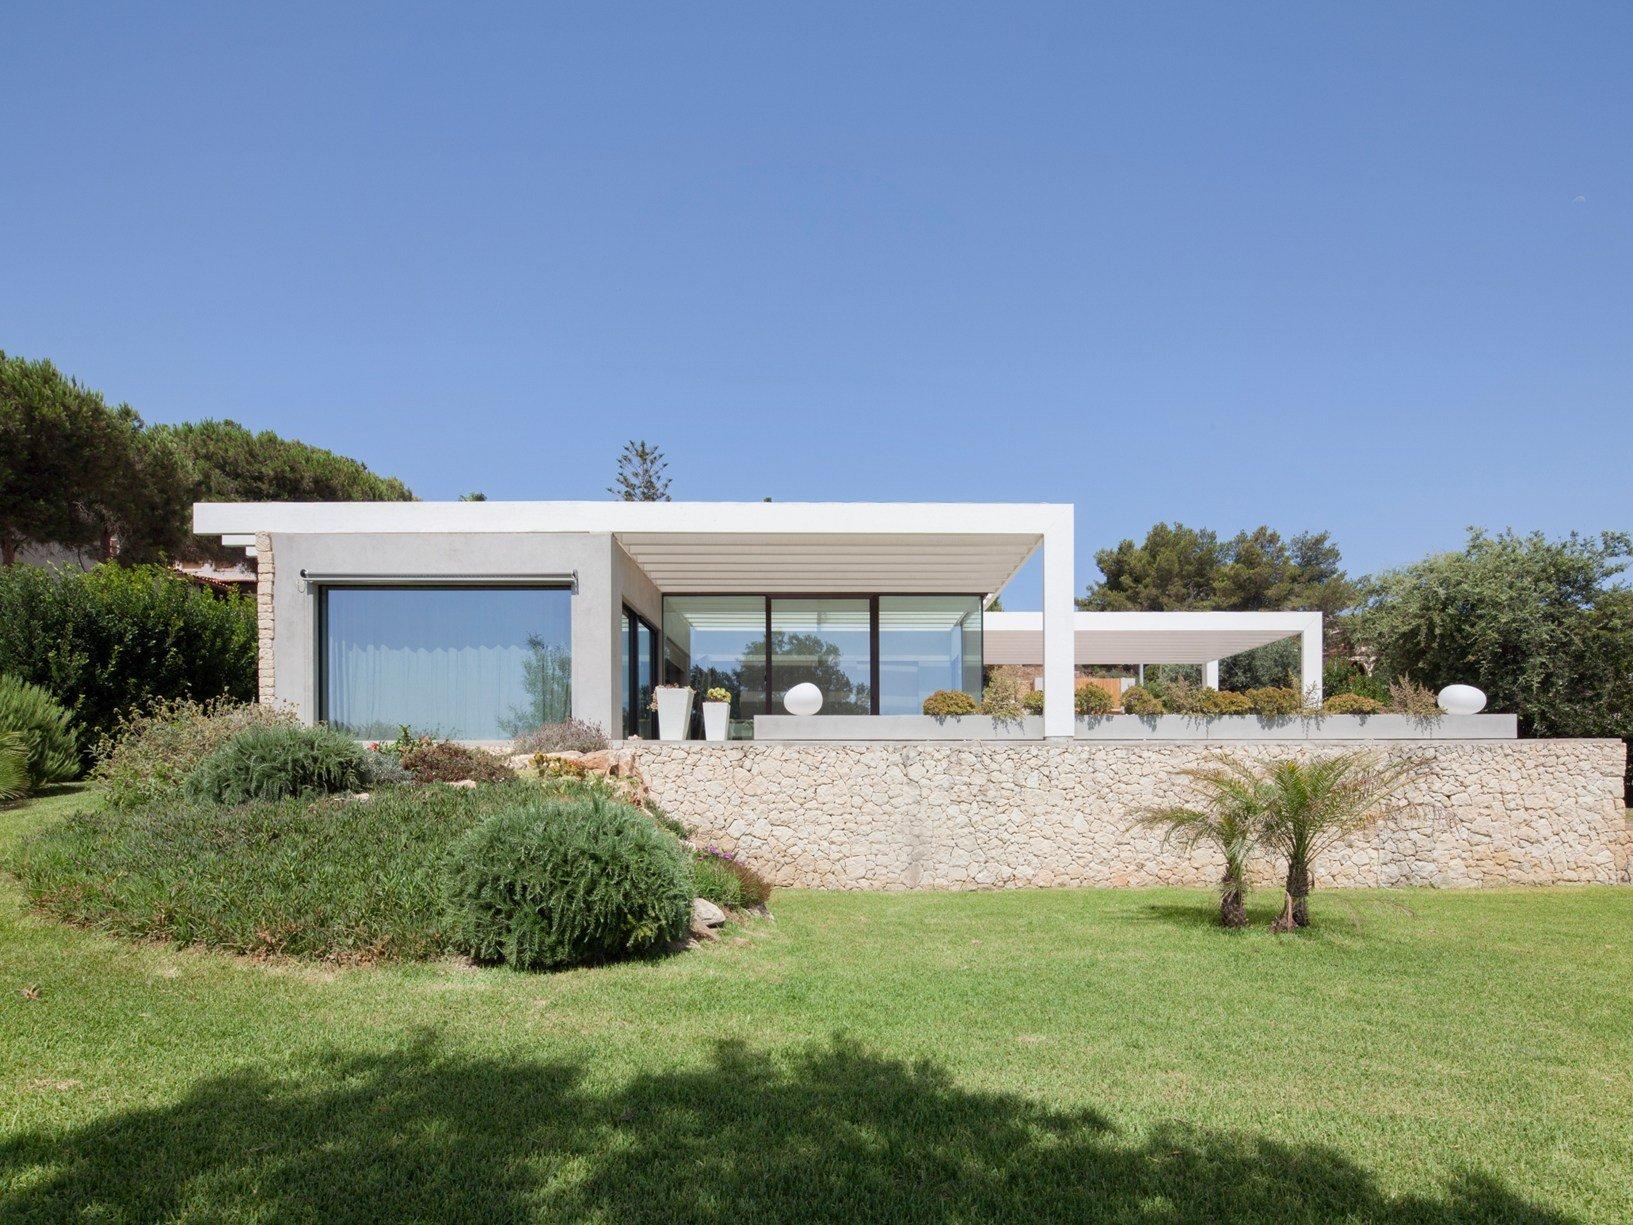 Un architettura leggera immersa nella natura siciliana for Case da architetto